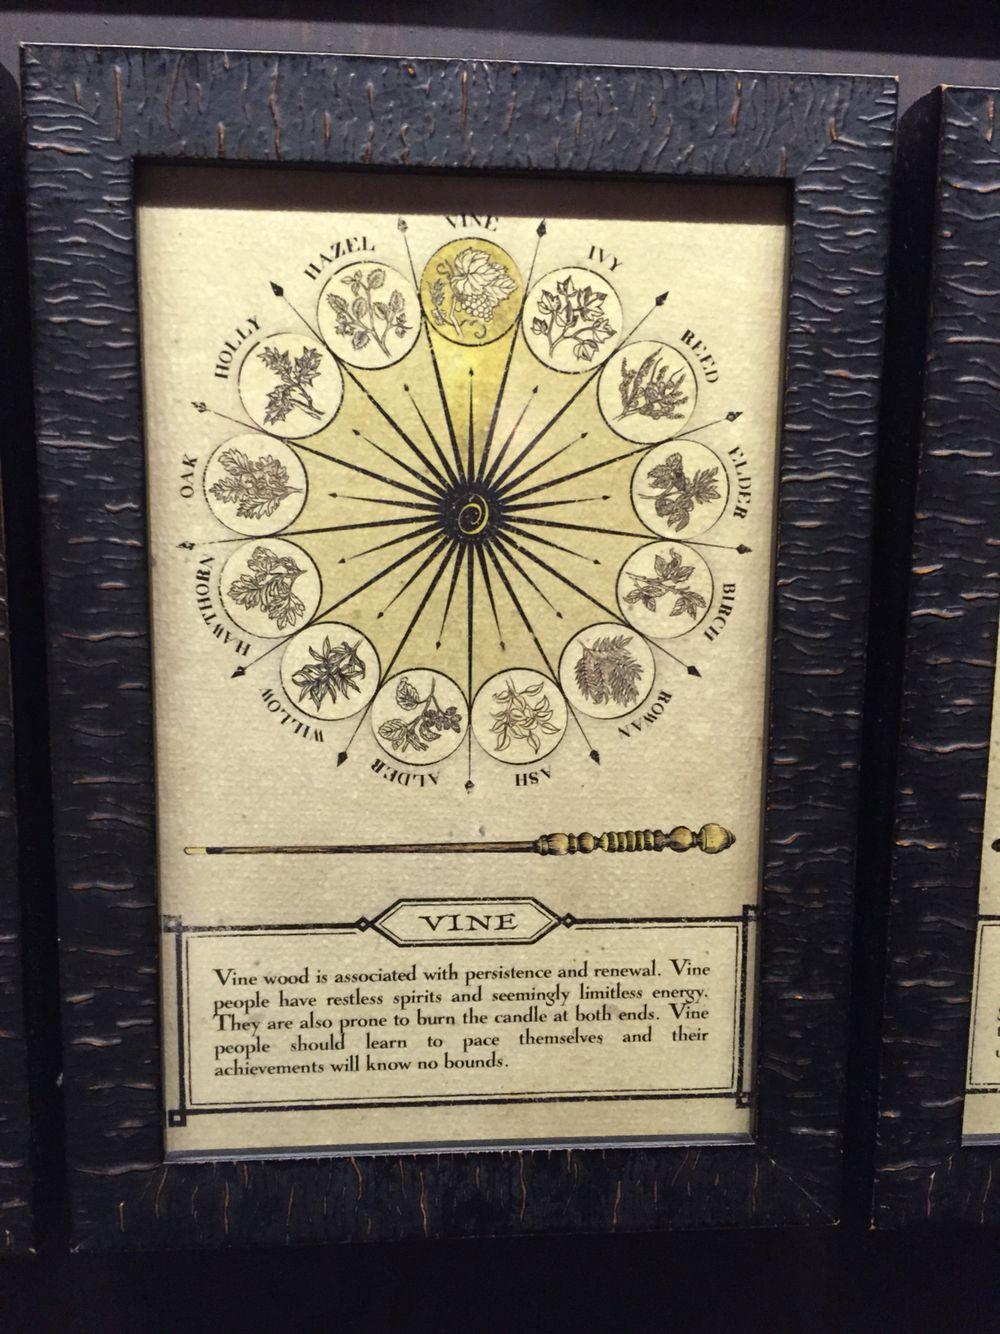 Harry Potter Vine Wand Description Harry Potter Wand Harry Potter Vines Wands